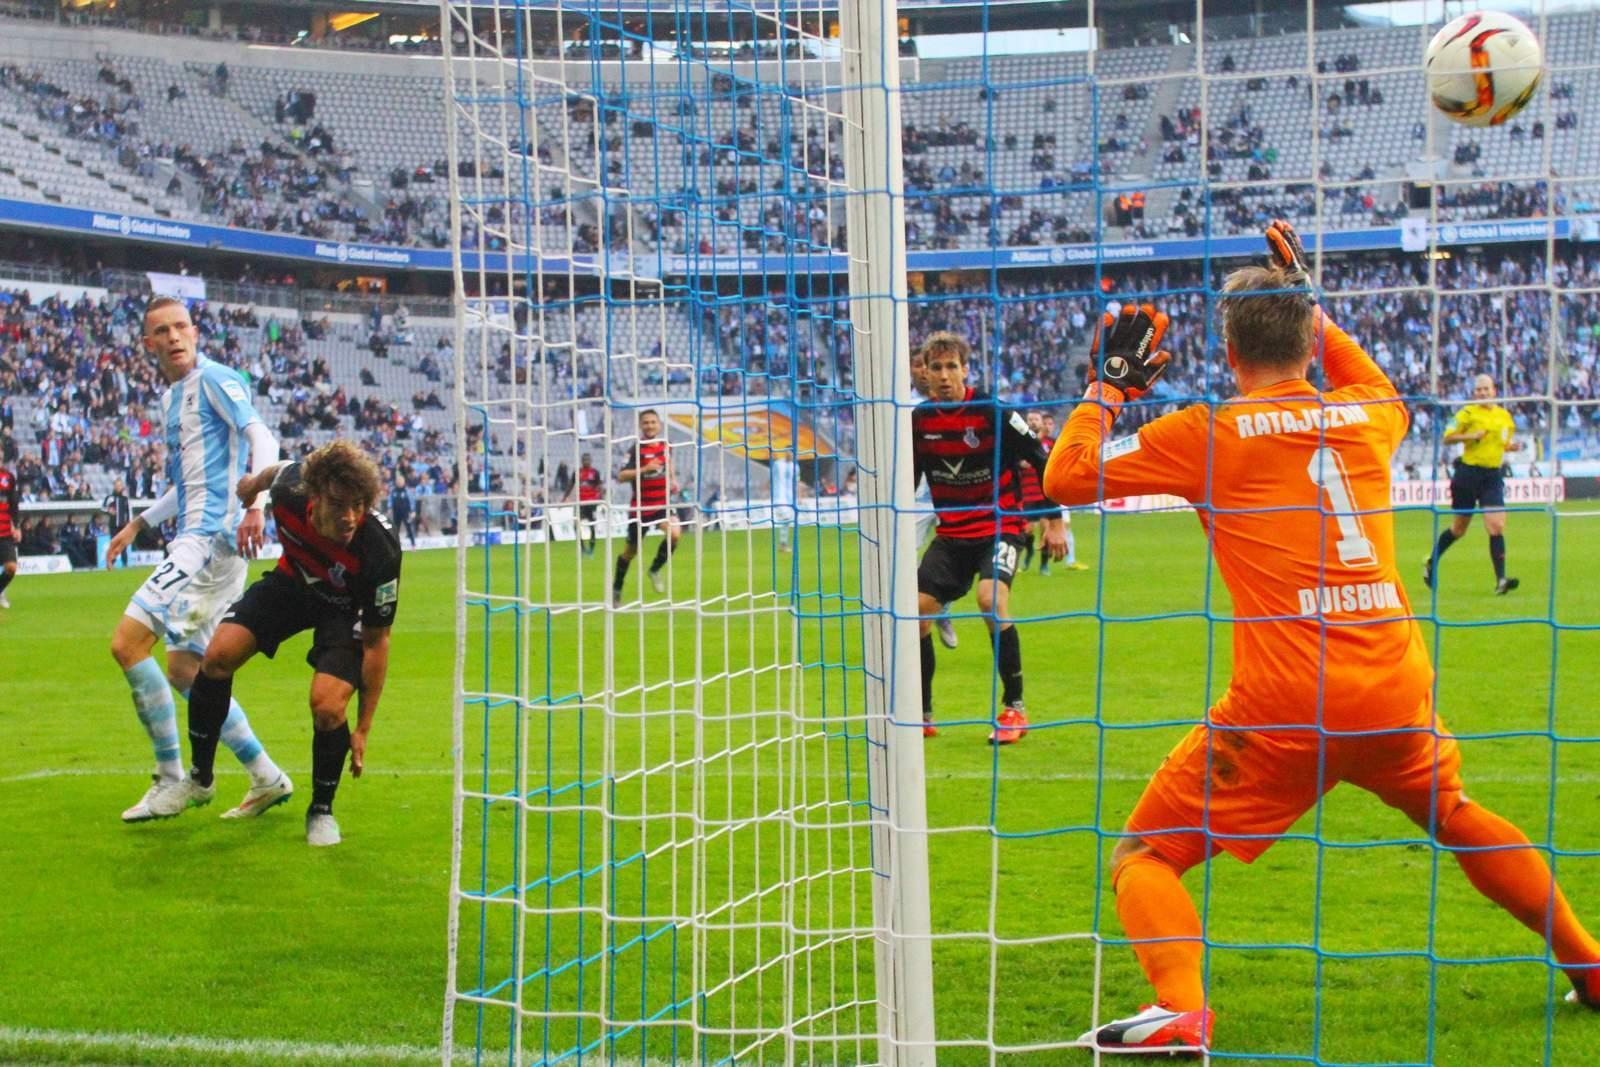 Trifft Wolf wieder gegen Ratajczak? Unser Tipp: Duisburg gewinnt gegen 1860 München